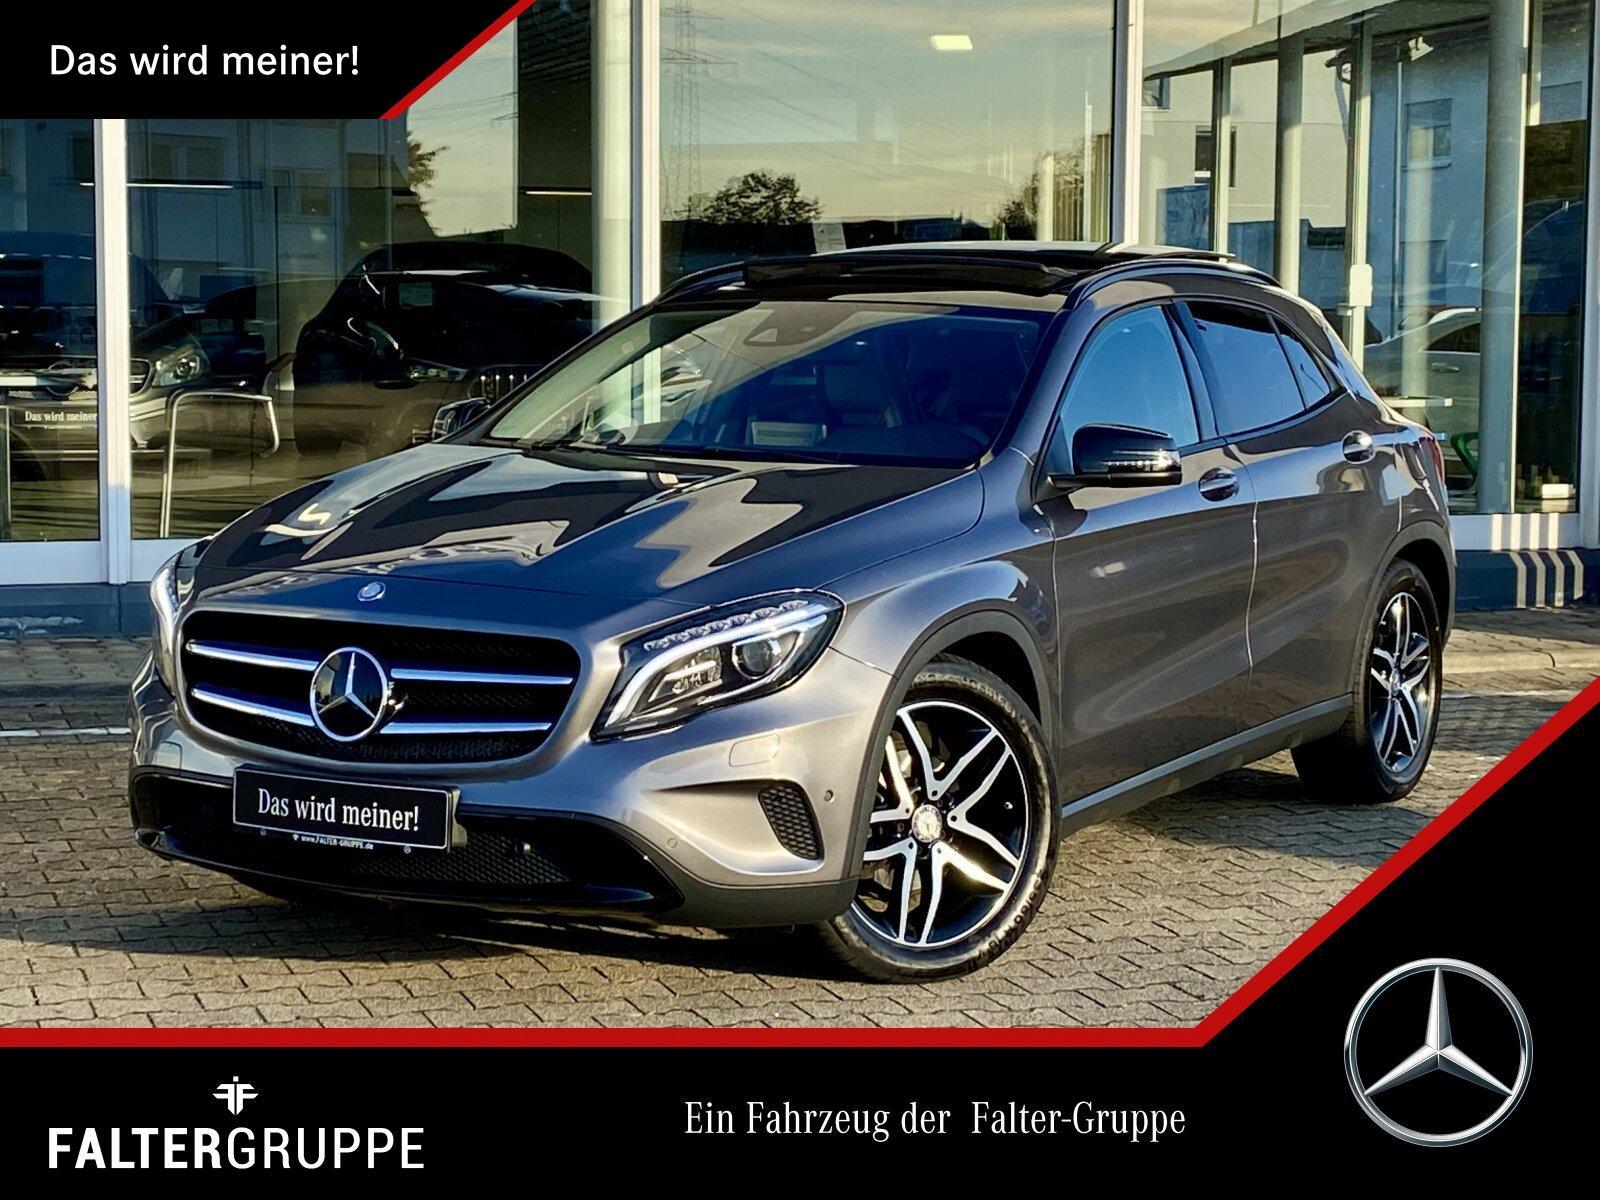 Mercedes-Benz GLA 220 d 4M COMAND+DISTR+SPUR/TOT+PAN+ILS+NIGHT, Jahr 2017, Diesel